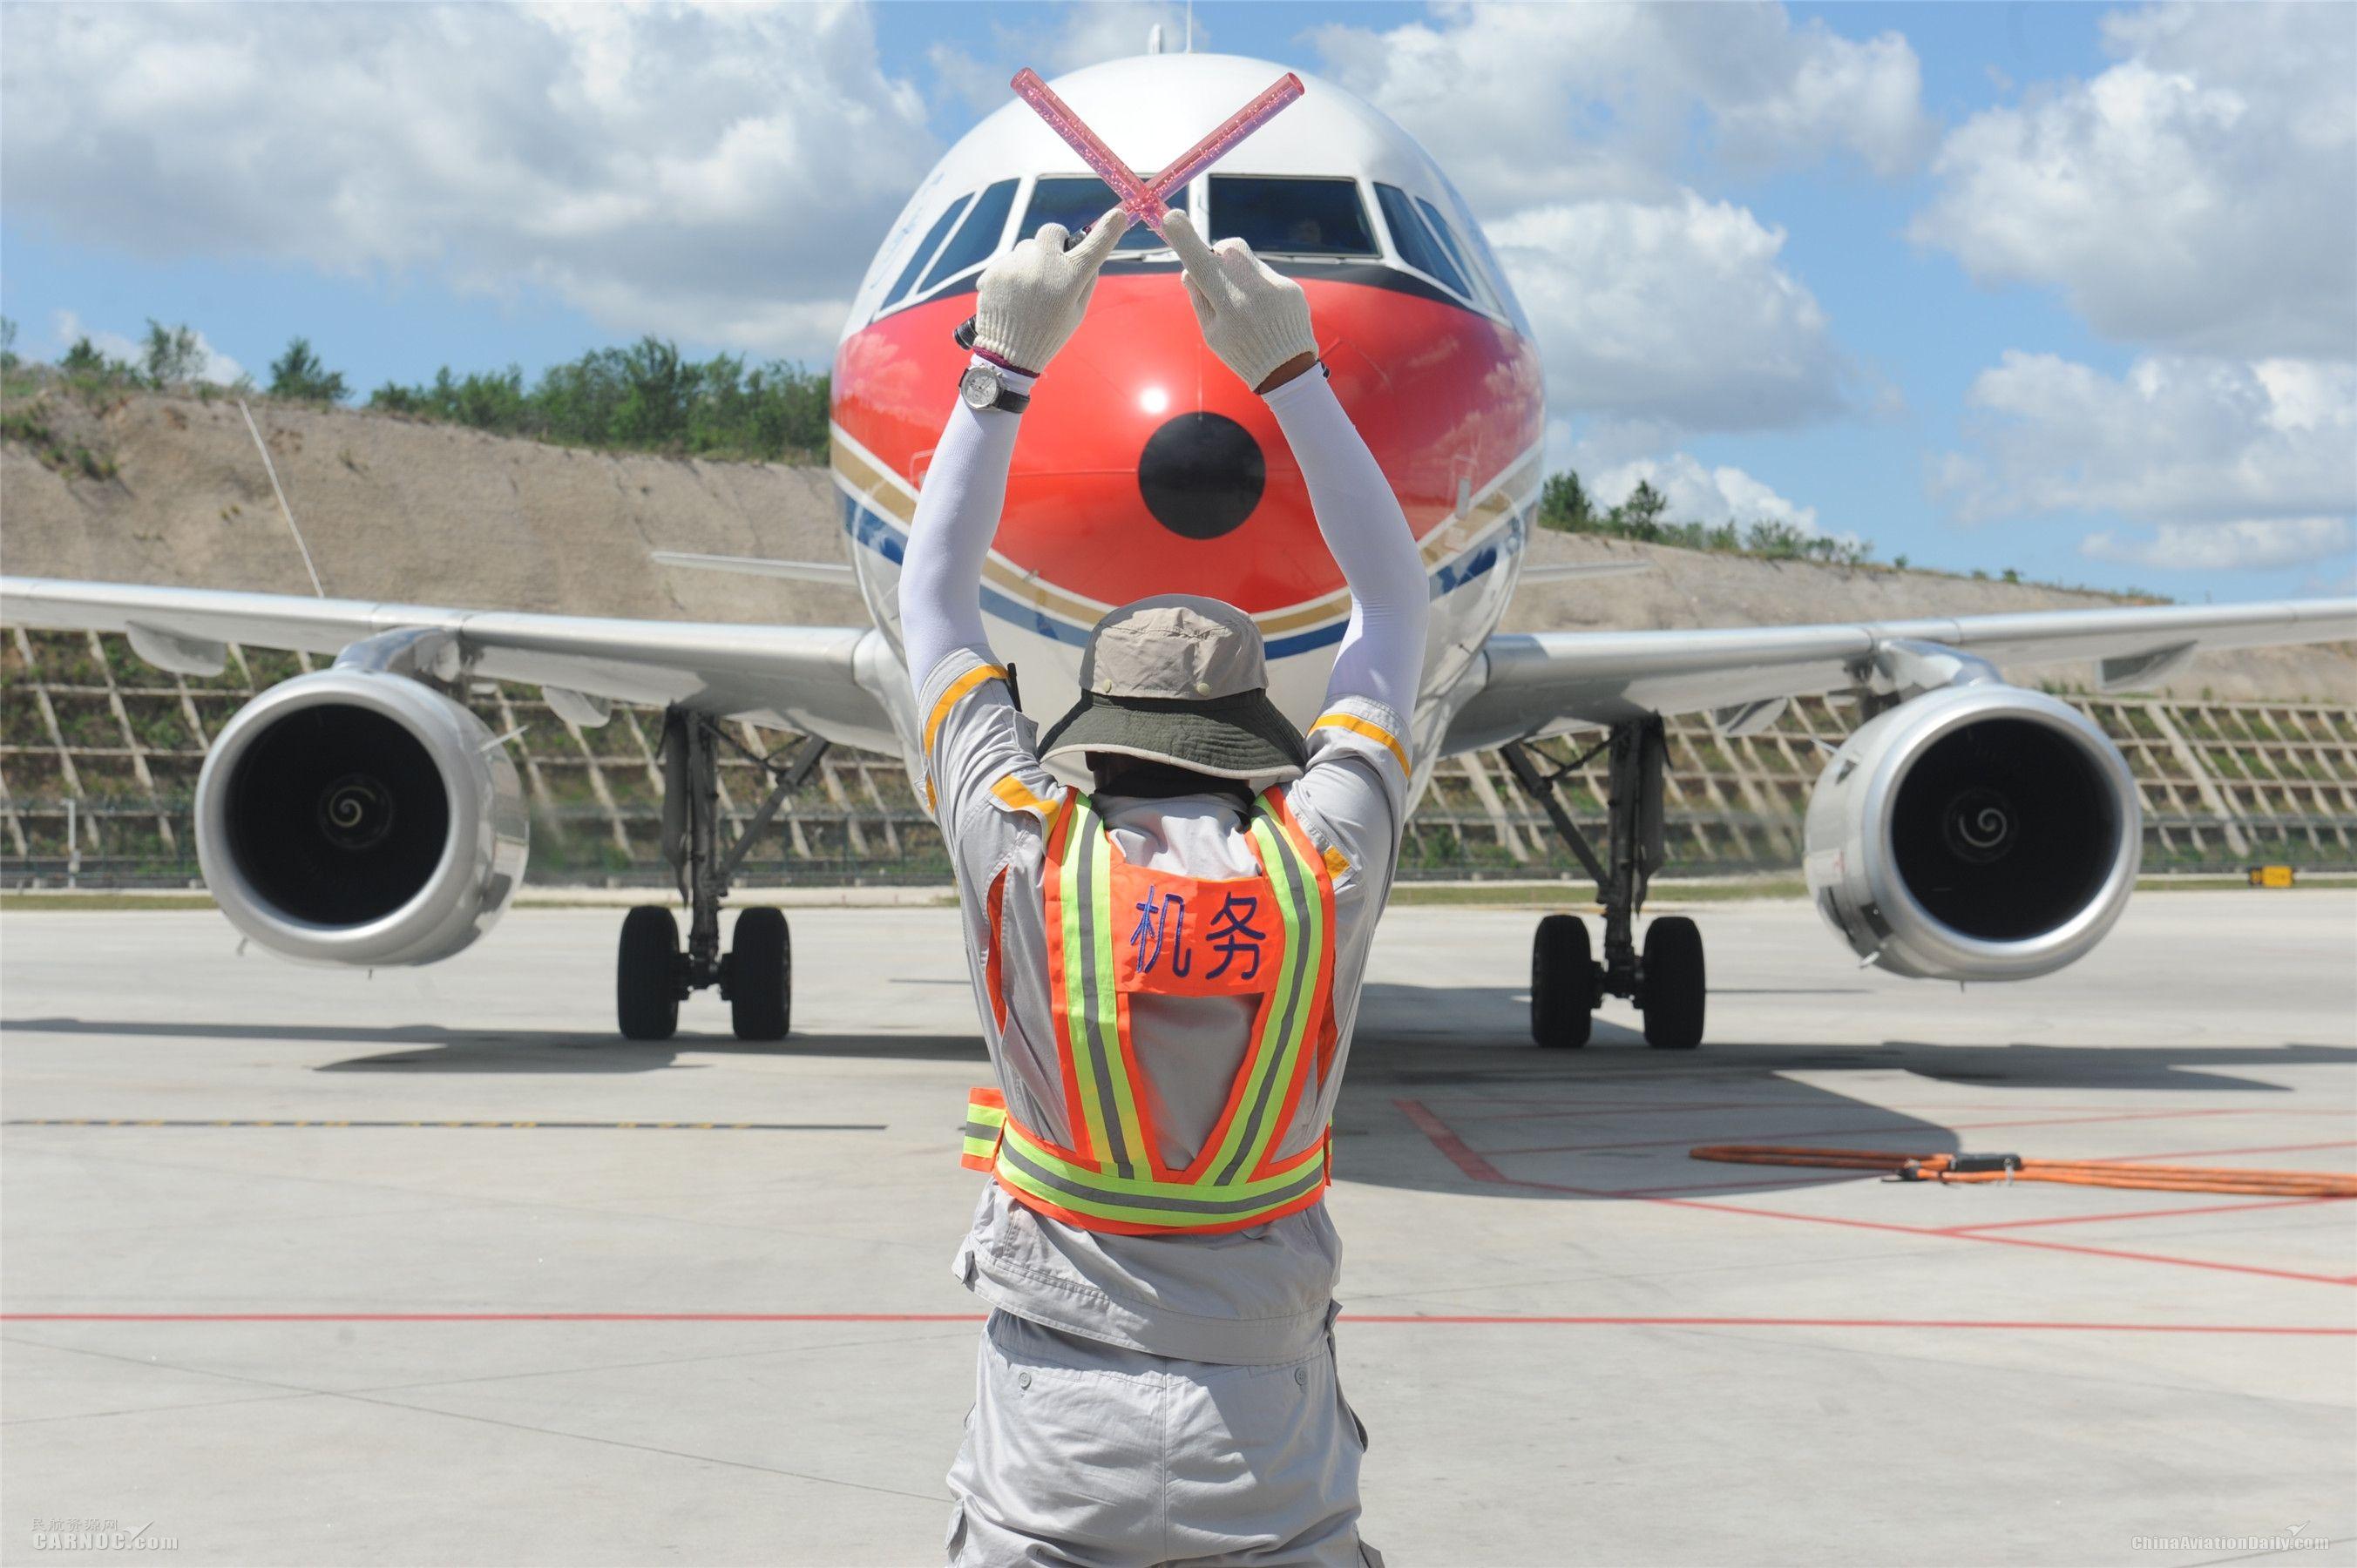 八月客流量破百万大关 烟台机场圆满完成暑运任务